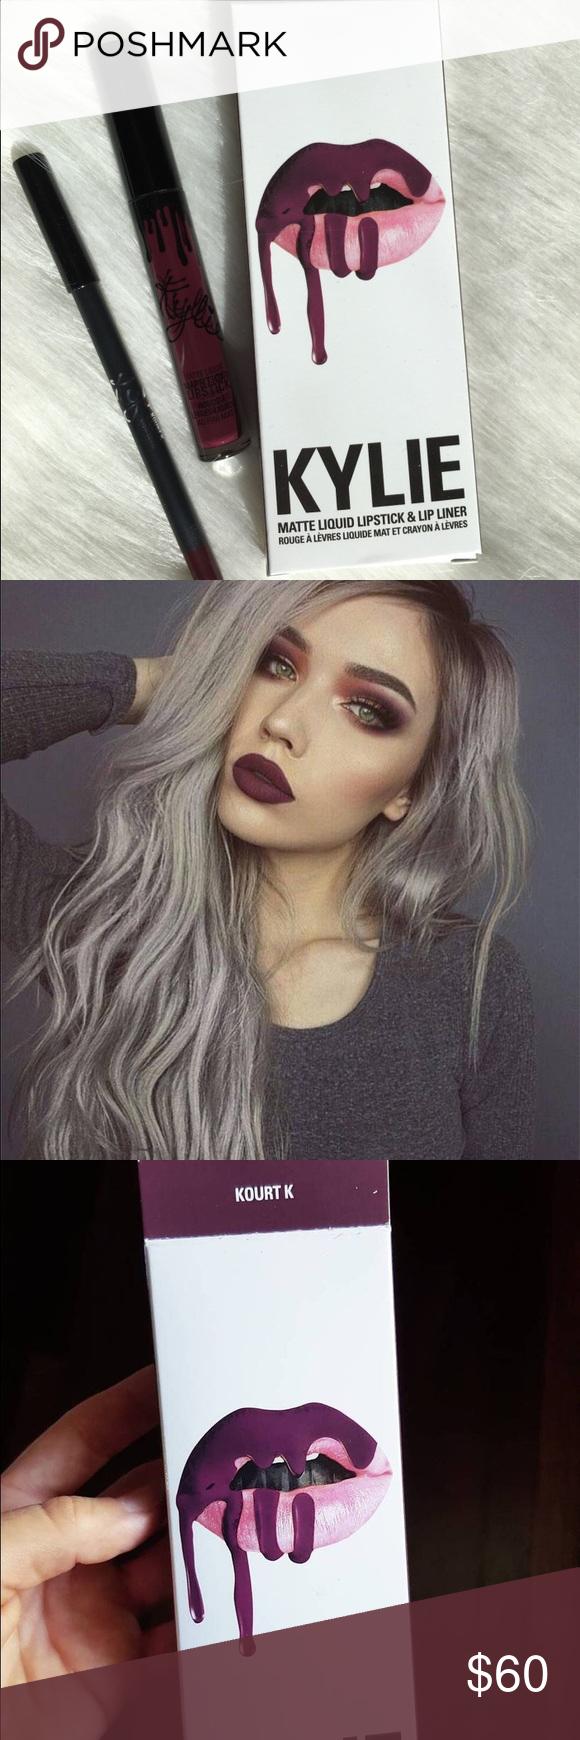 Kourt K by Kylie cosmetics Kourt k by Kylie cosmetics Kylie Cosmetics Makeup Lip Liner